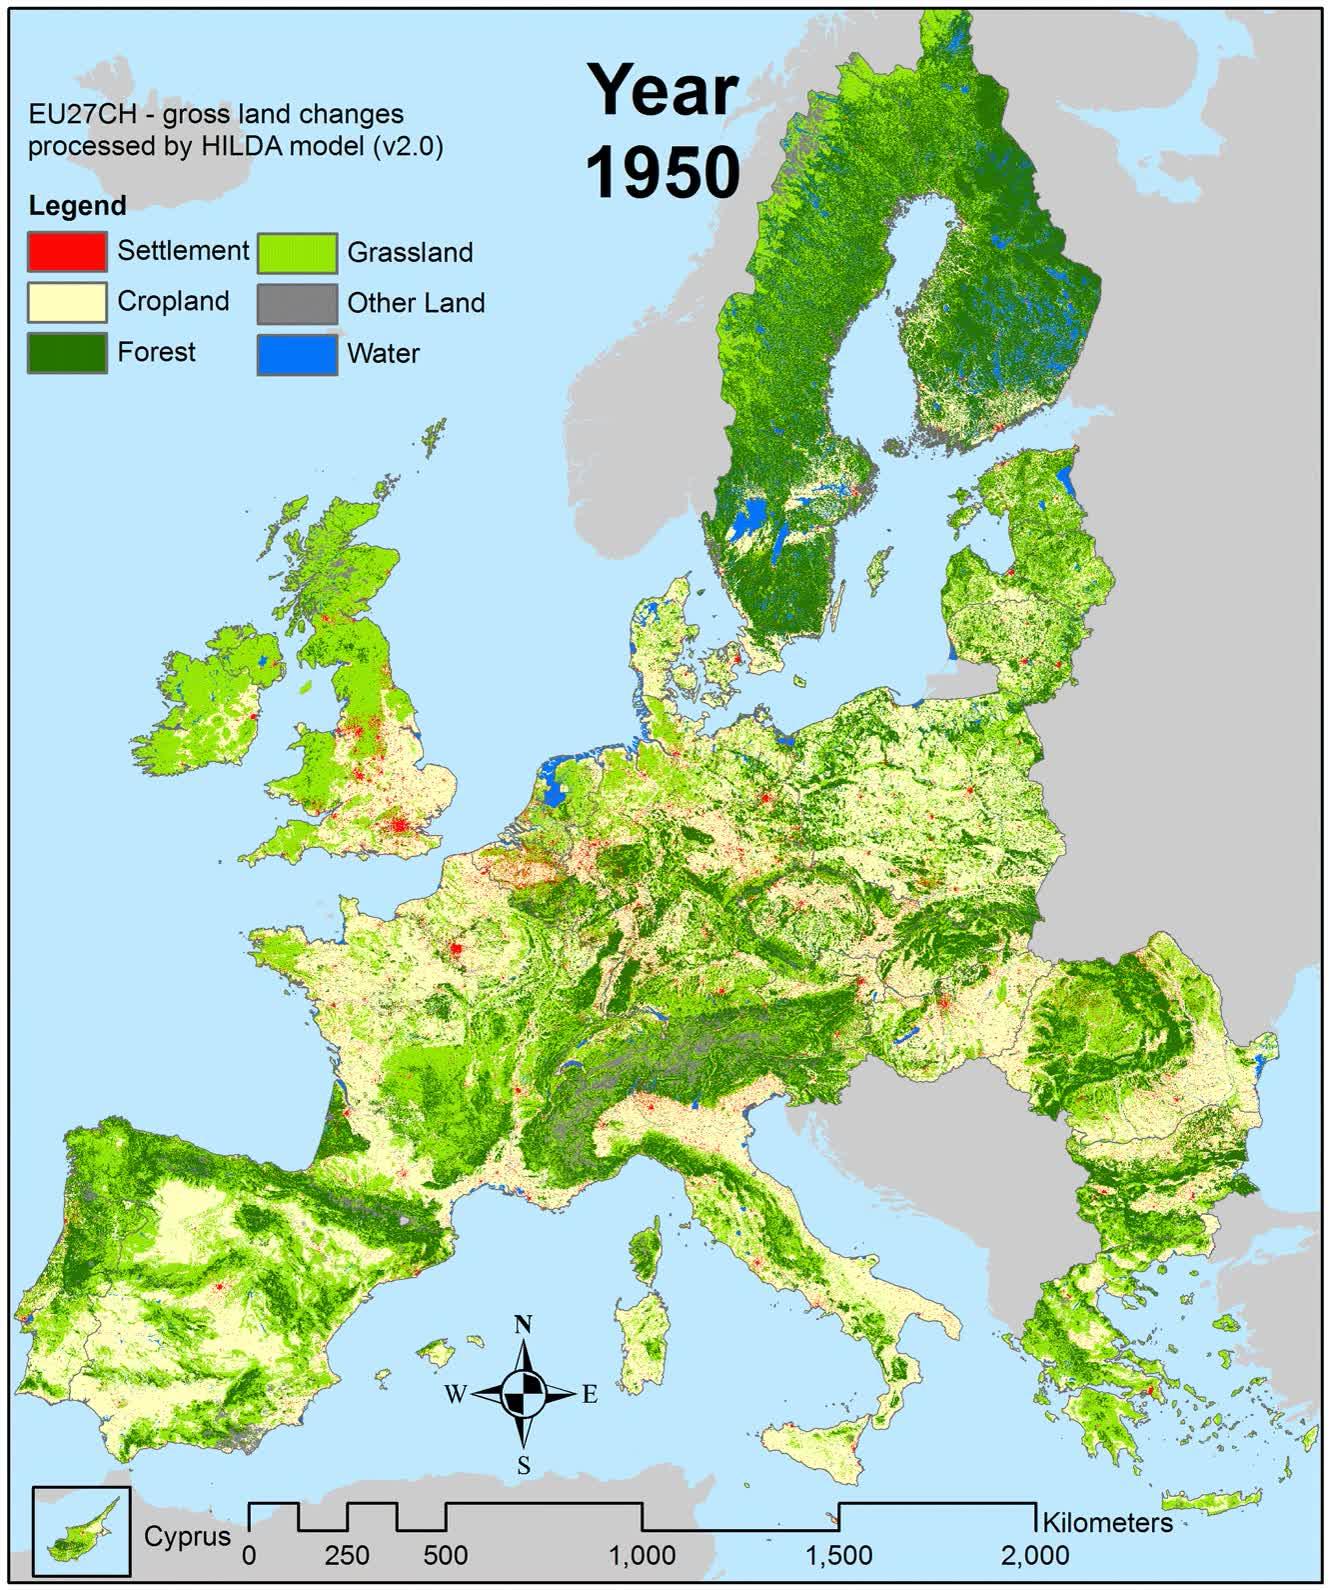 Enlace a No todo son malas noticias. Europa está más verde que hace 100 años